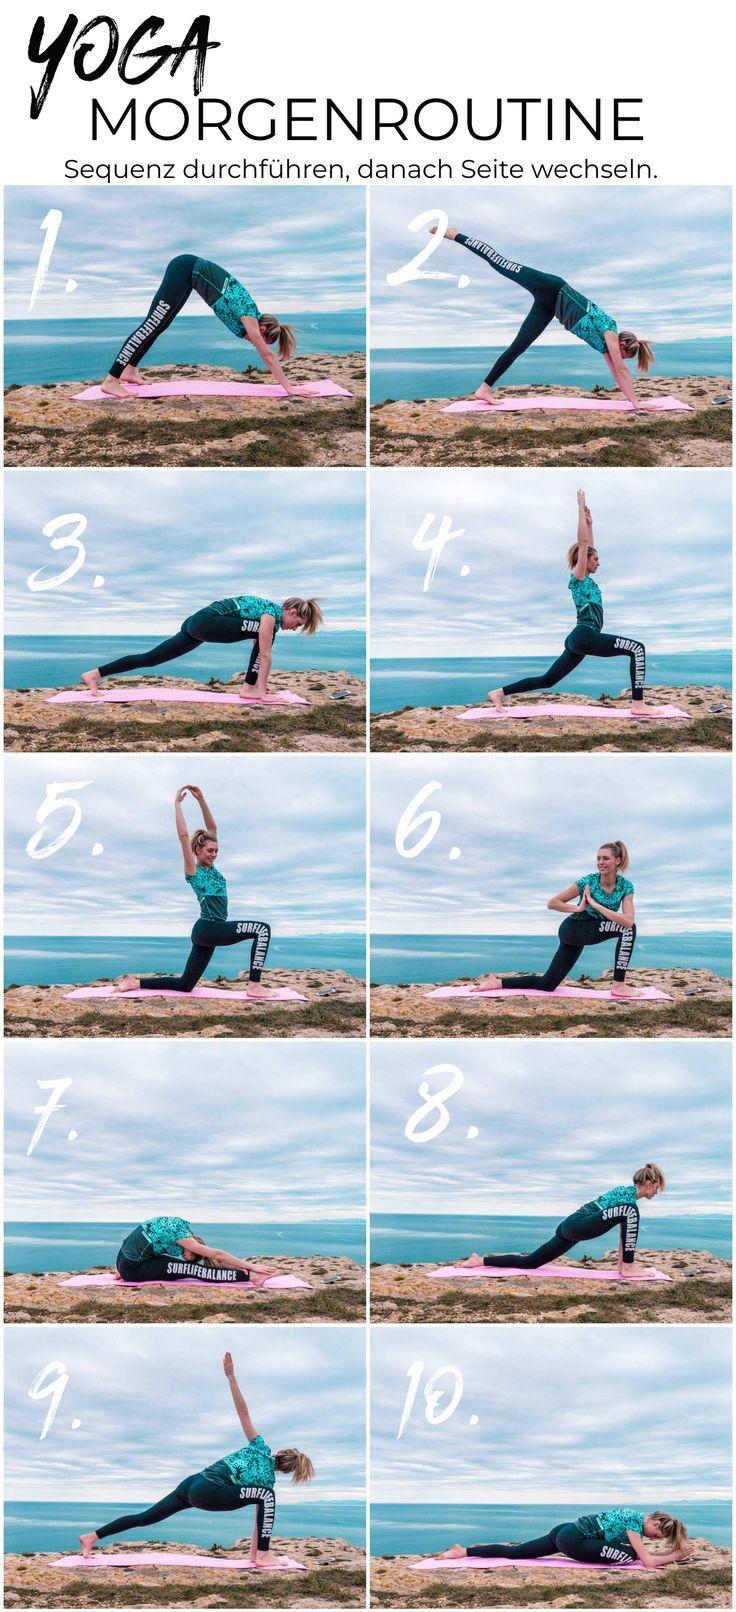 Yoga Morgenroutine – 10 Übungen für einen tollen Start in den Tag – surflifebalance | Reise- und Surfblog von digitalen Kite – Nomaden: kitesurf, vanlife, surf fashion,